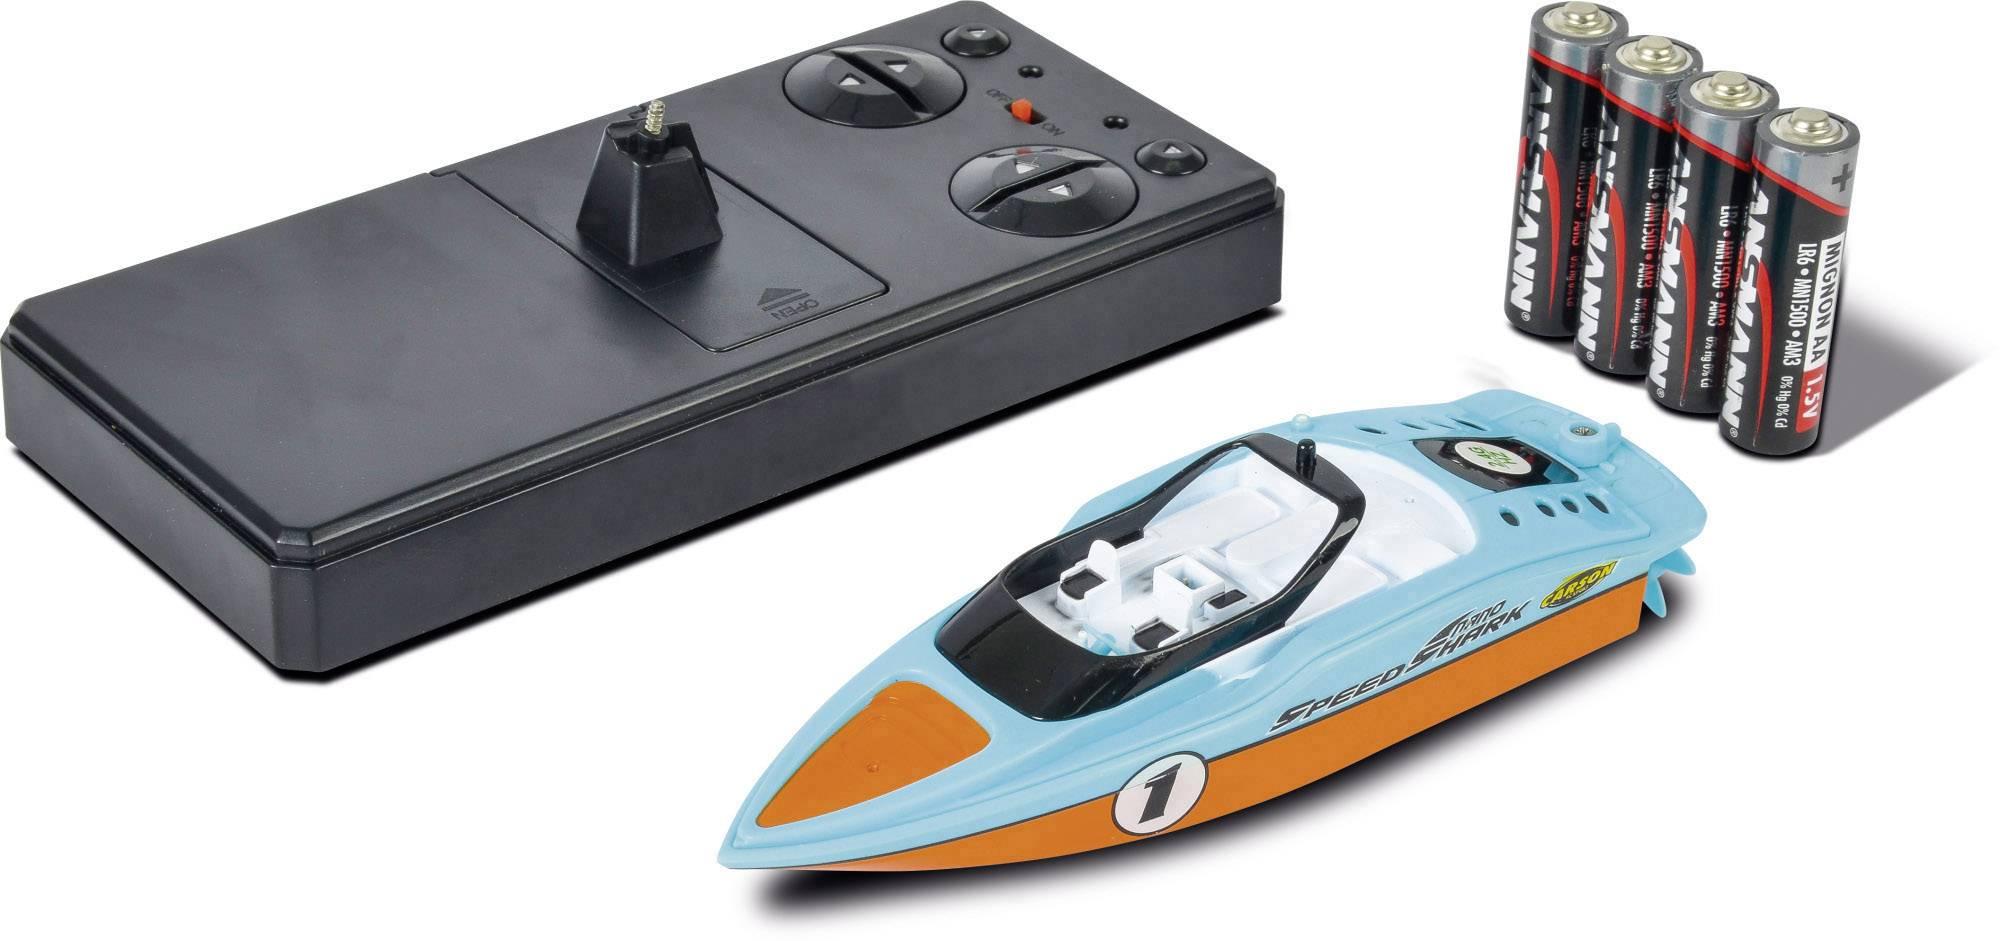 RC model motorového člunu pro začátečníky Carson Modellsport Speed Shark Nano, 145 mm, 100% RtR